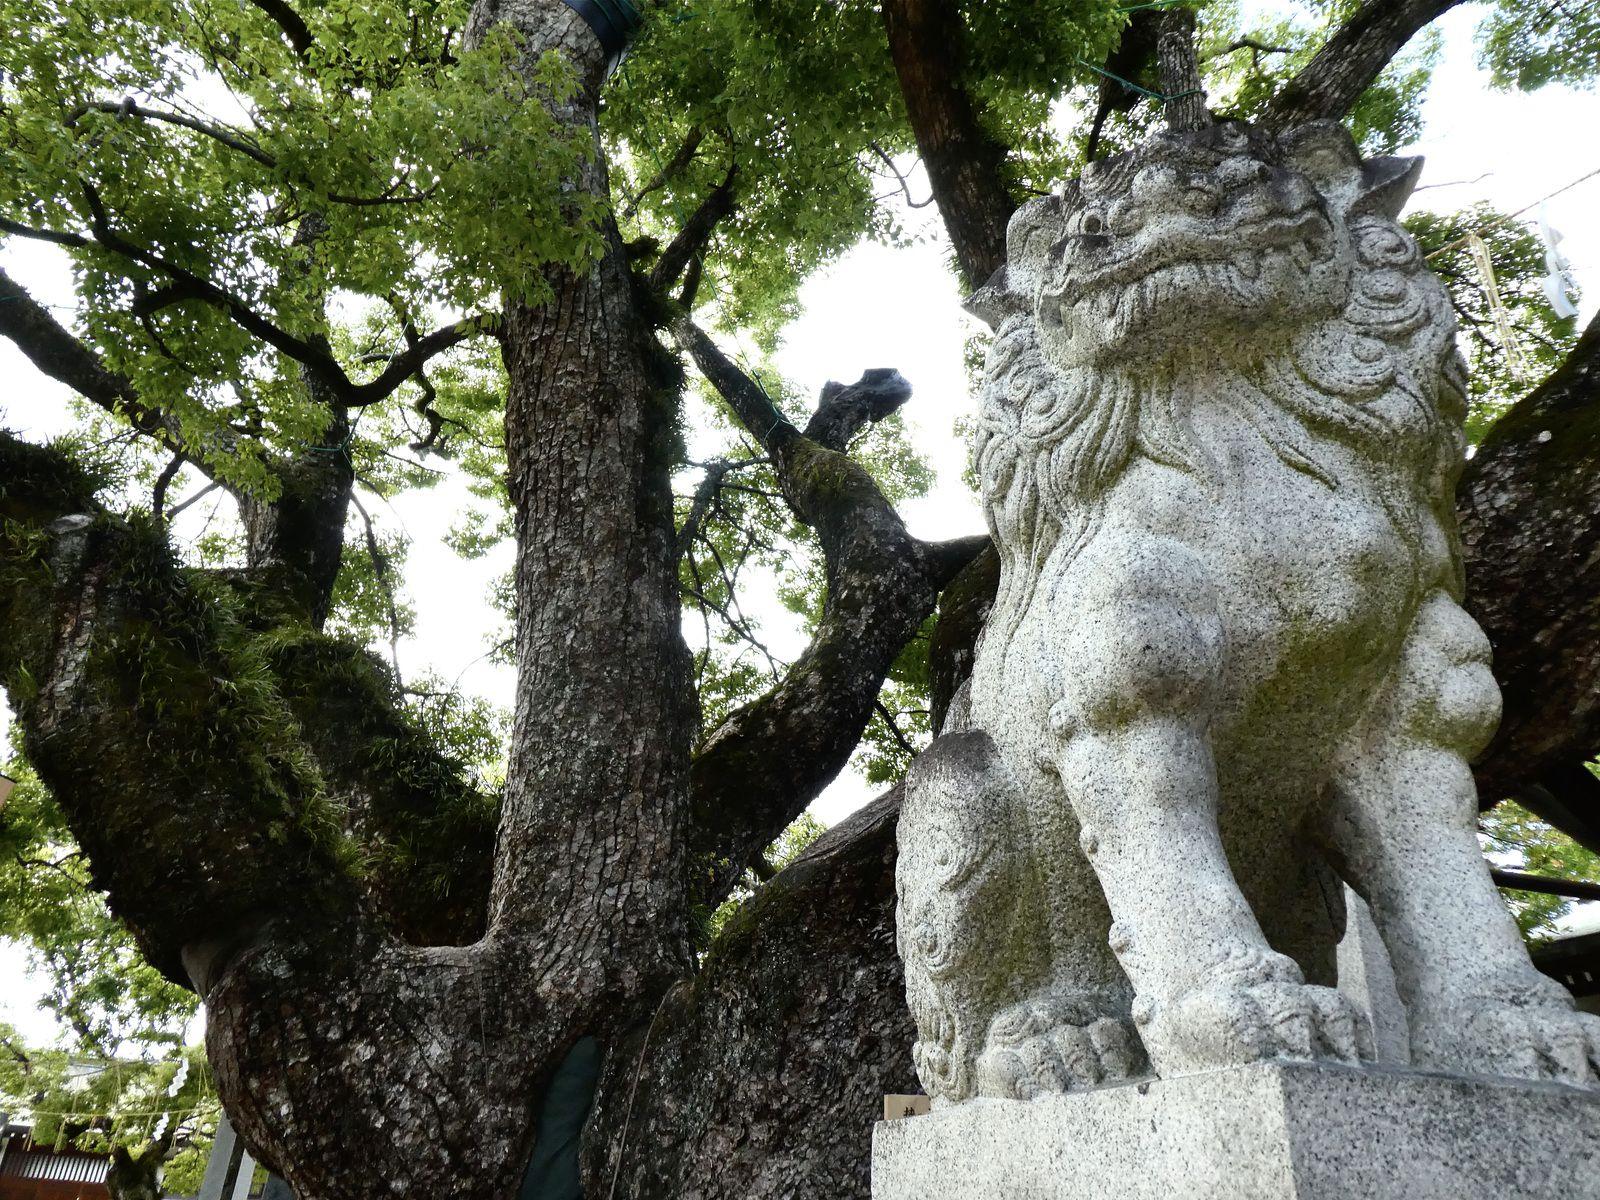 Impressionnant arbre sacré plusieurs fois centenaire